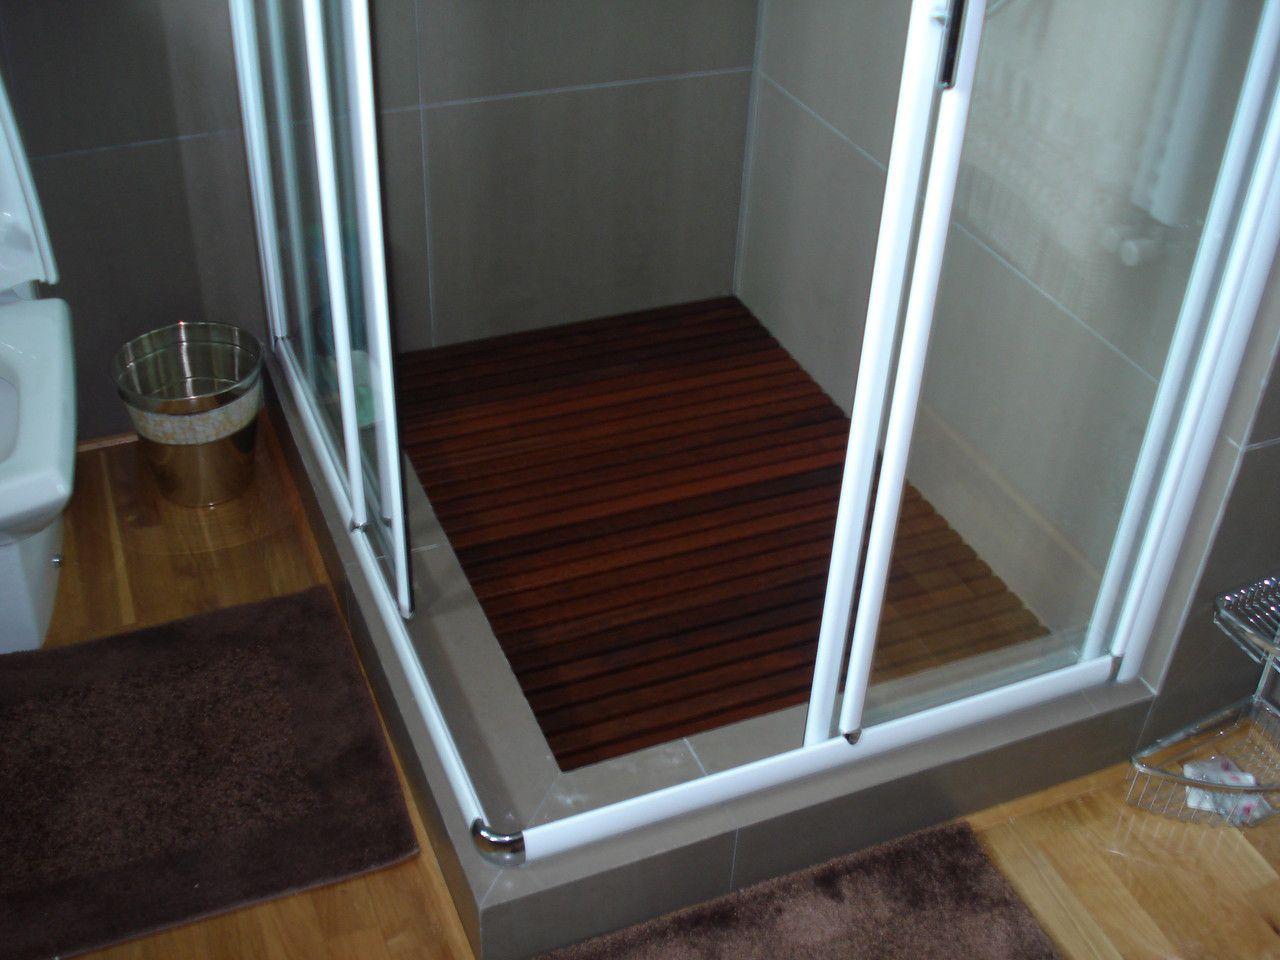 Deck De Madeira Chuveiro Box Banheiro Capacho 146x97 cm Pintado